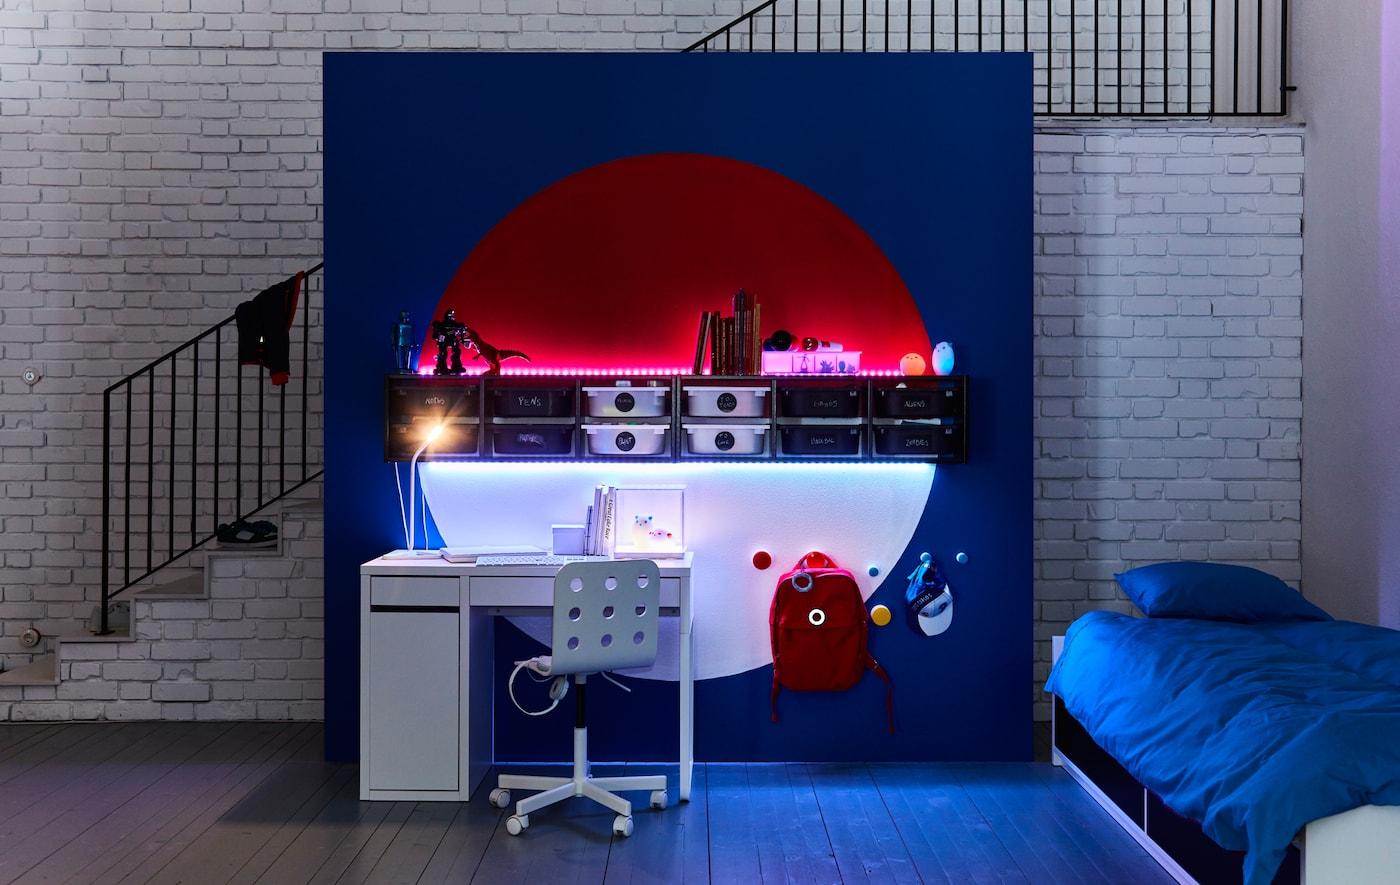 Full Size of Ikea Jugendzimmer Monstermige Sterreich Sofa Küche Kaufen Betten Bei Mit Schlaffunktion Modulküche Bett Miniküche Kosten 160x200 Wohnzimmer Ikea Jugendzimmer